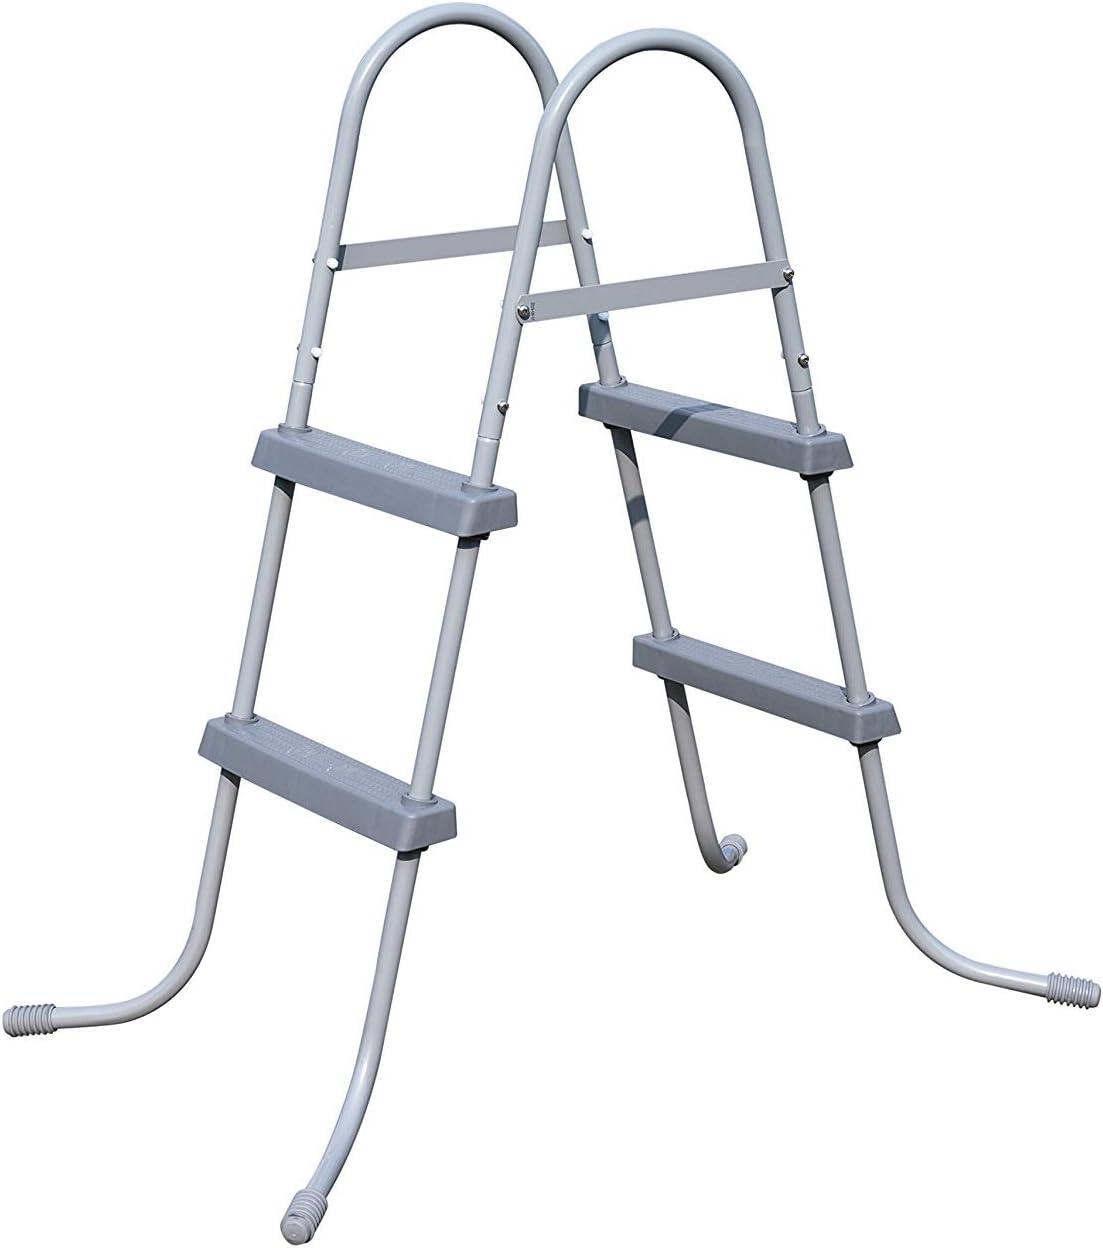 BEST.WAY - Escalera de Piscina para Exteriores, Altura de 84 33